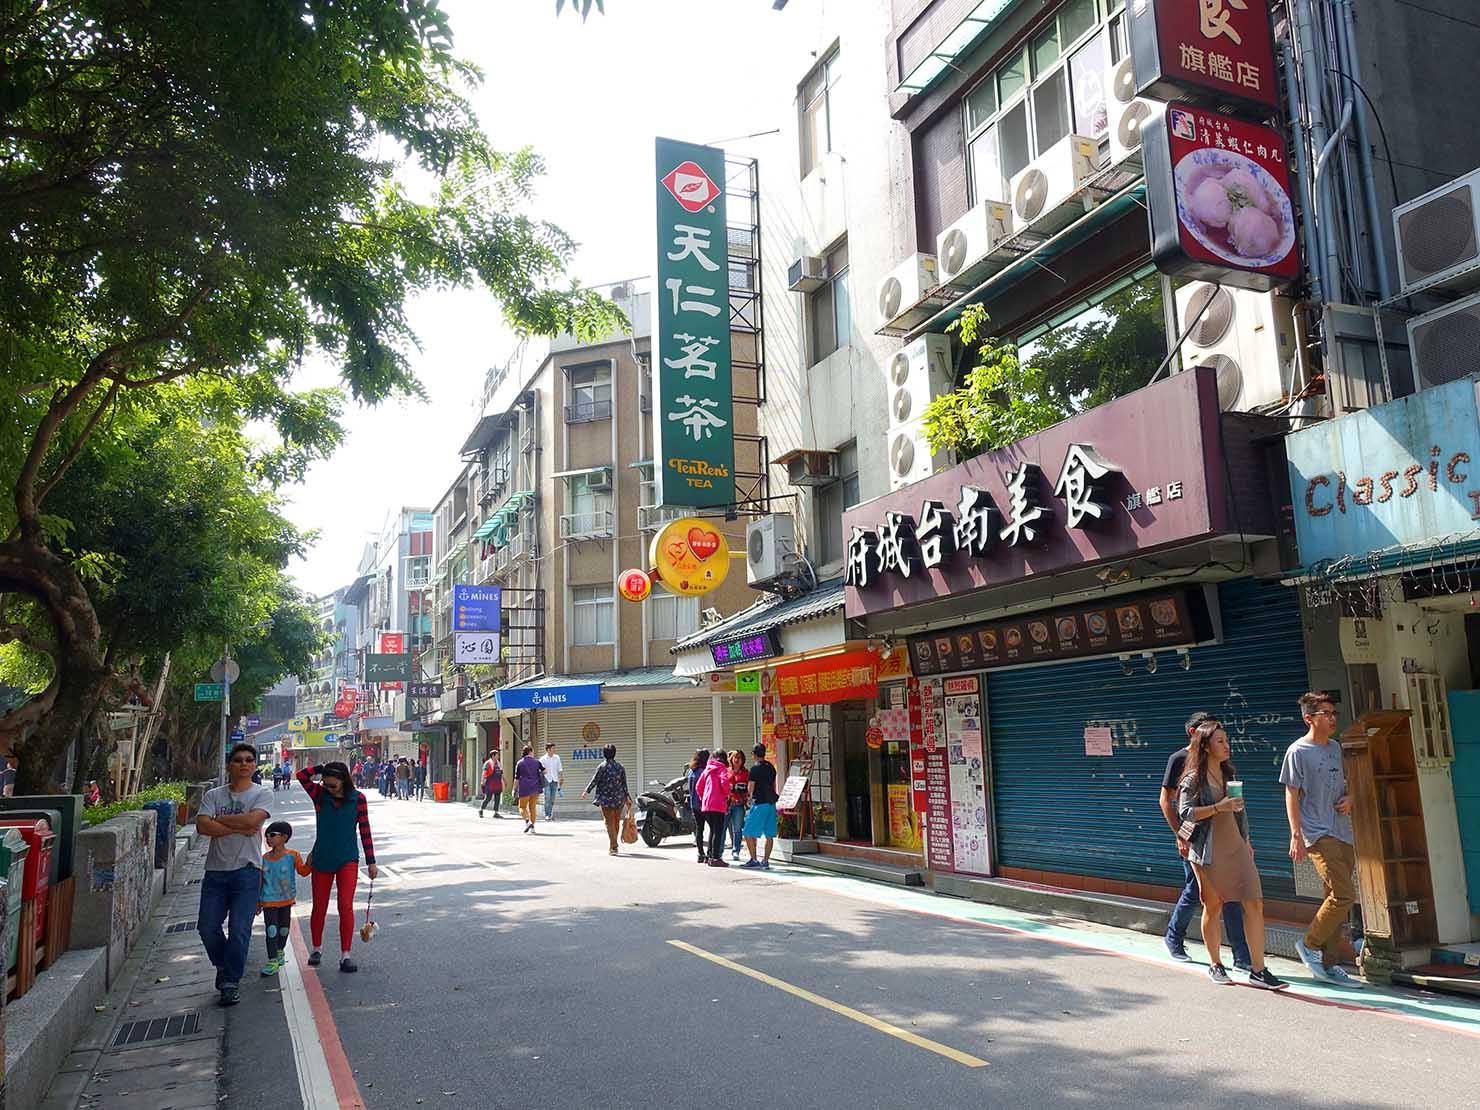 春節(旧正月)を迎えたの台北の観光スポット「永康街」